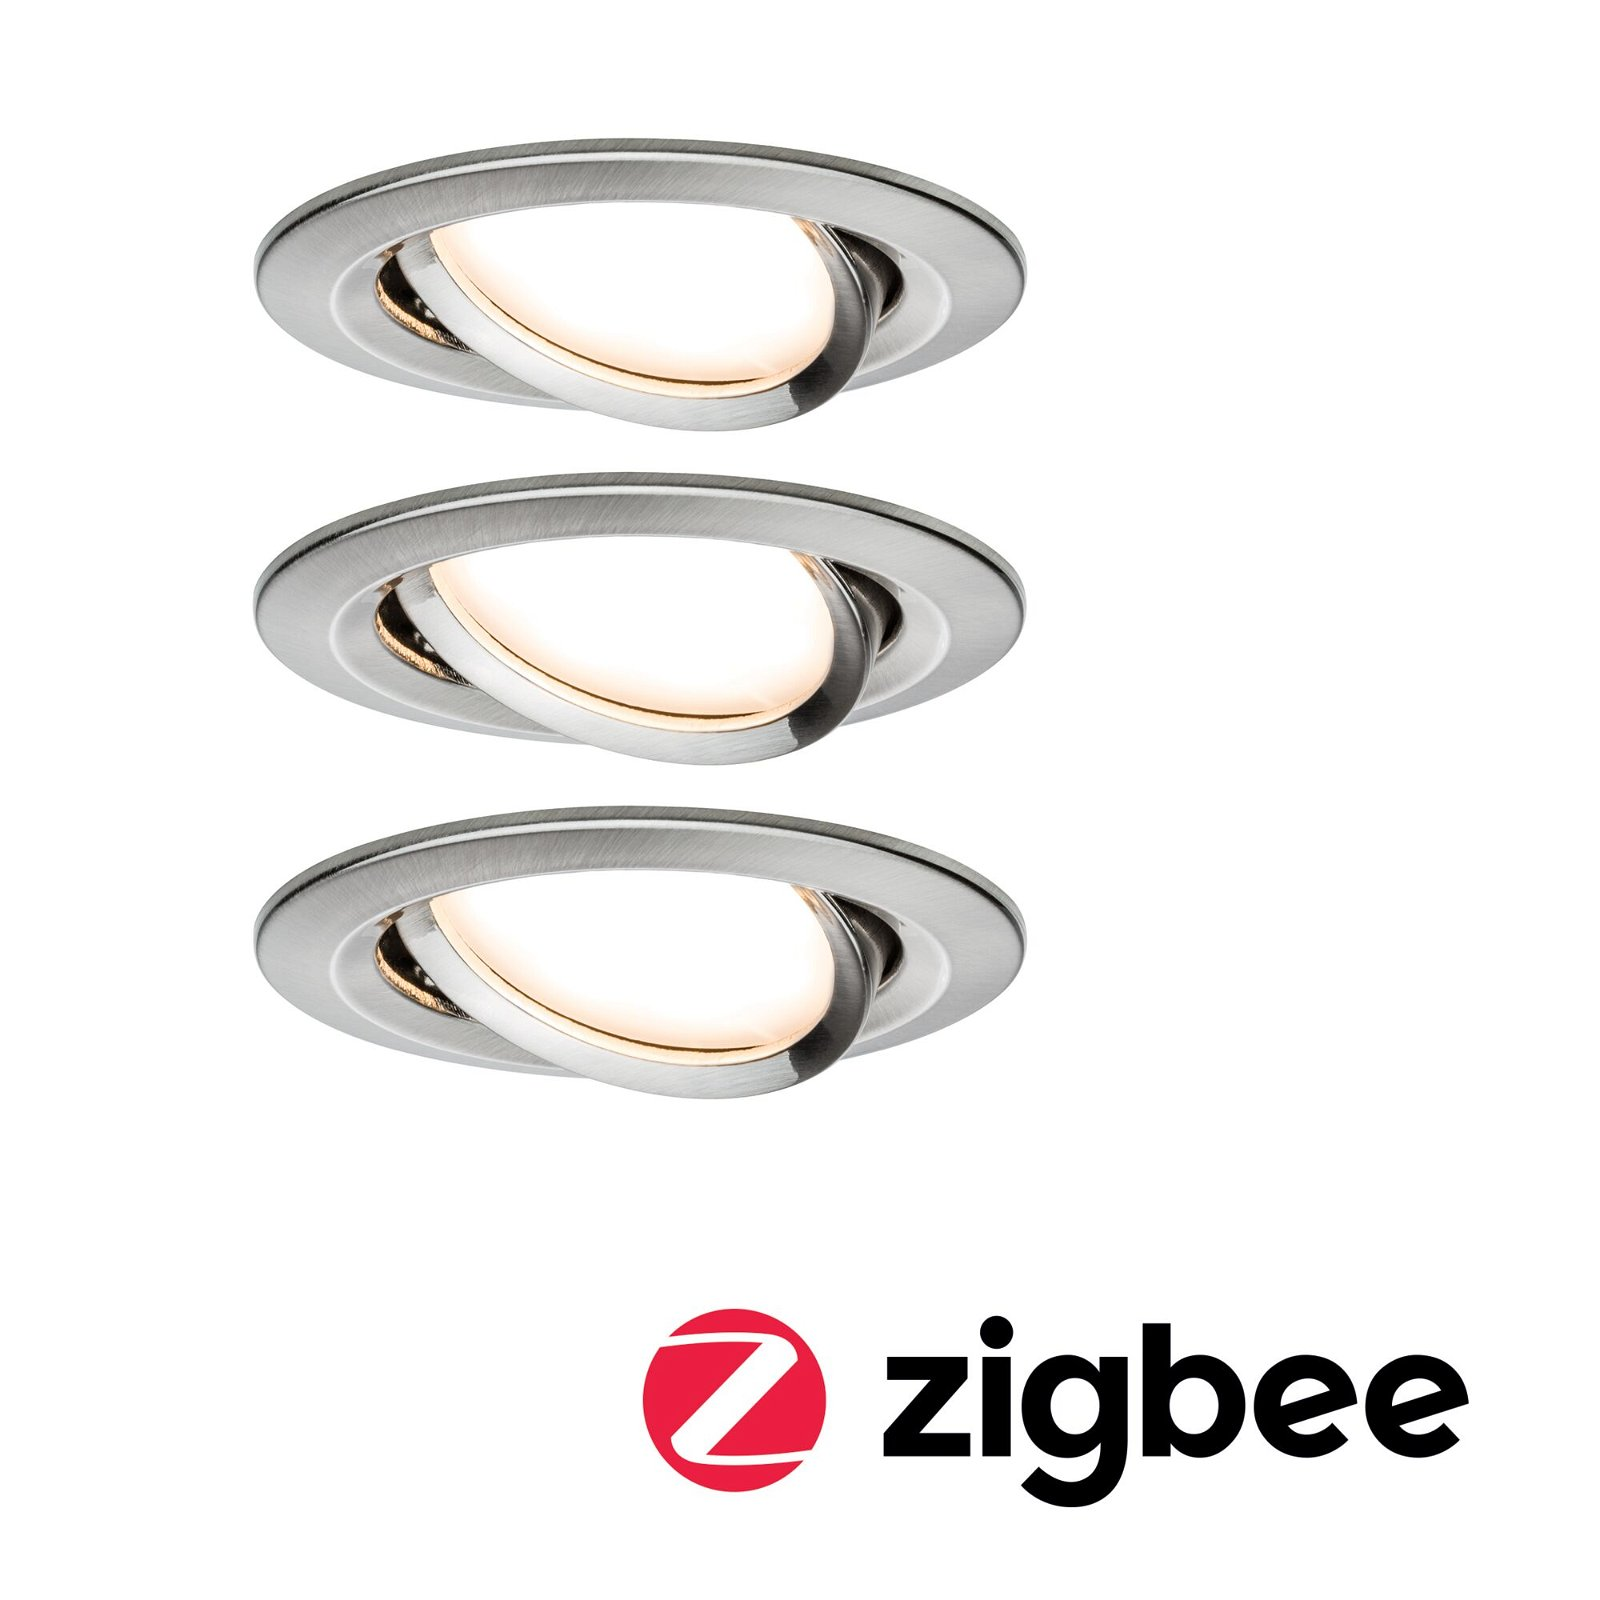 LED-inbouwlamp Smart Home Zigbee Nova Plus Coin Basisset zwenkbaar rond 84mm 50° Coin 3x6W 3x460lm 230V 2700K Staal geborsteld